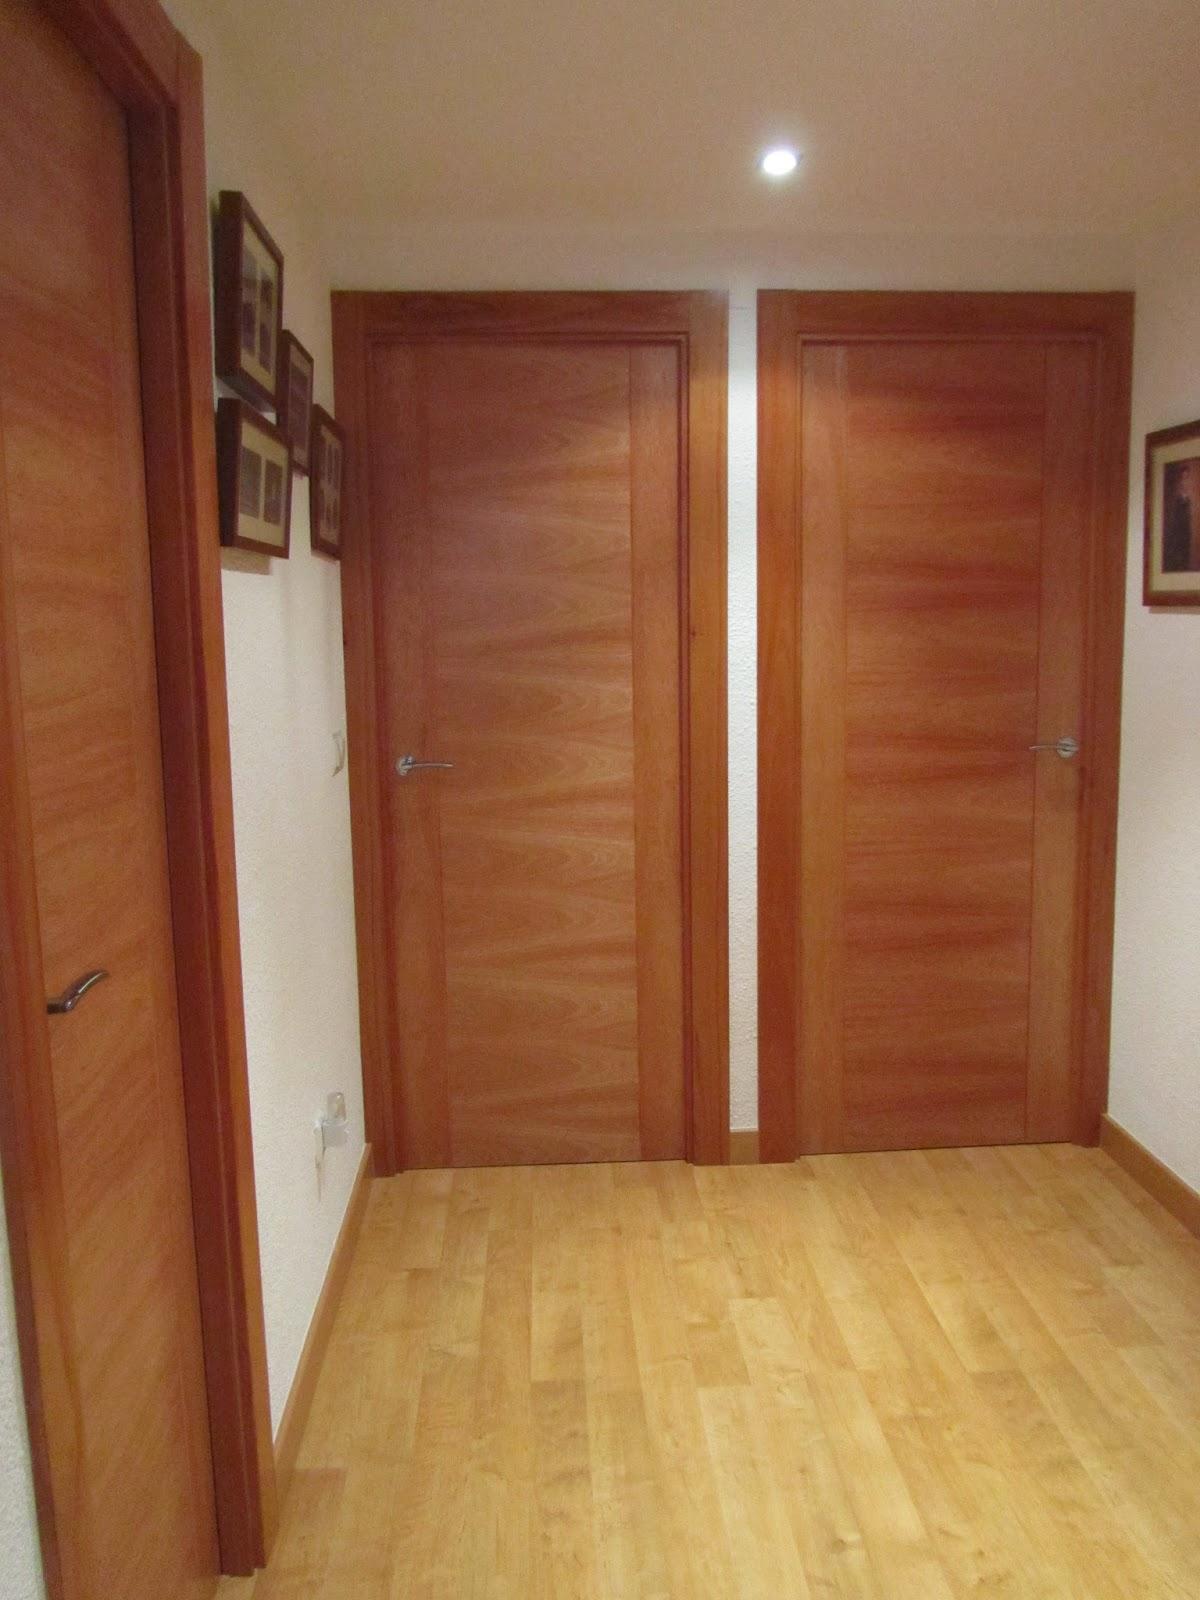 Puertas lozano reforma cambio de puertas de interior for Decoracion combinar suelo y puertas